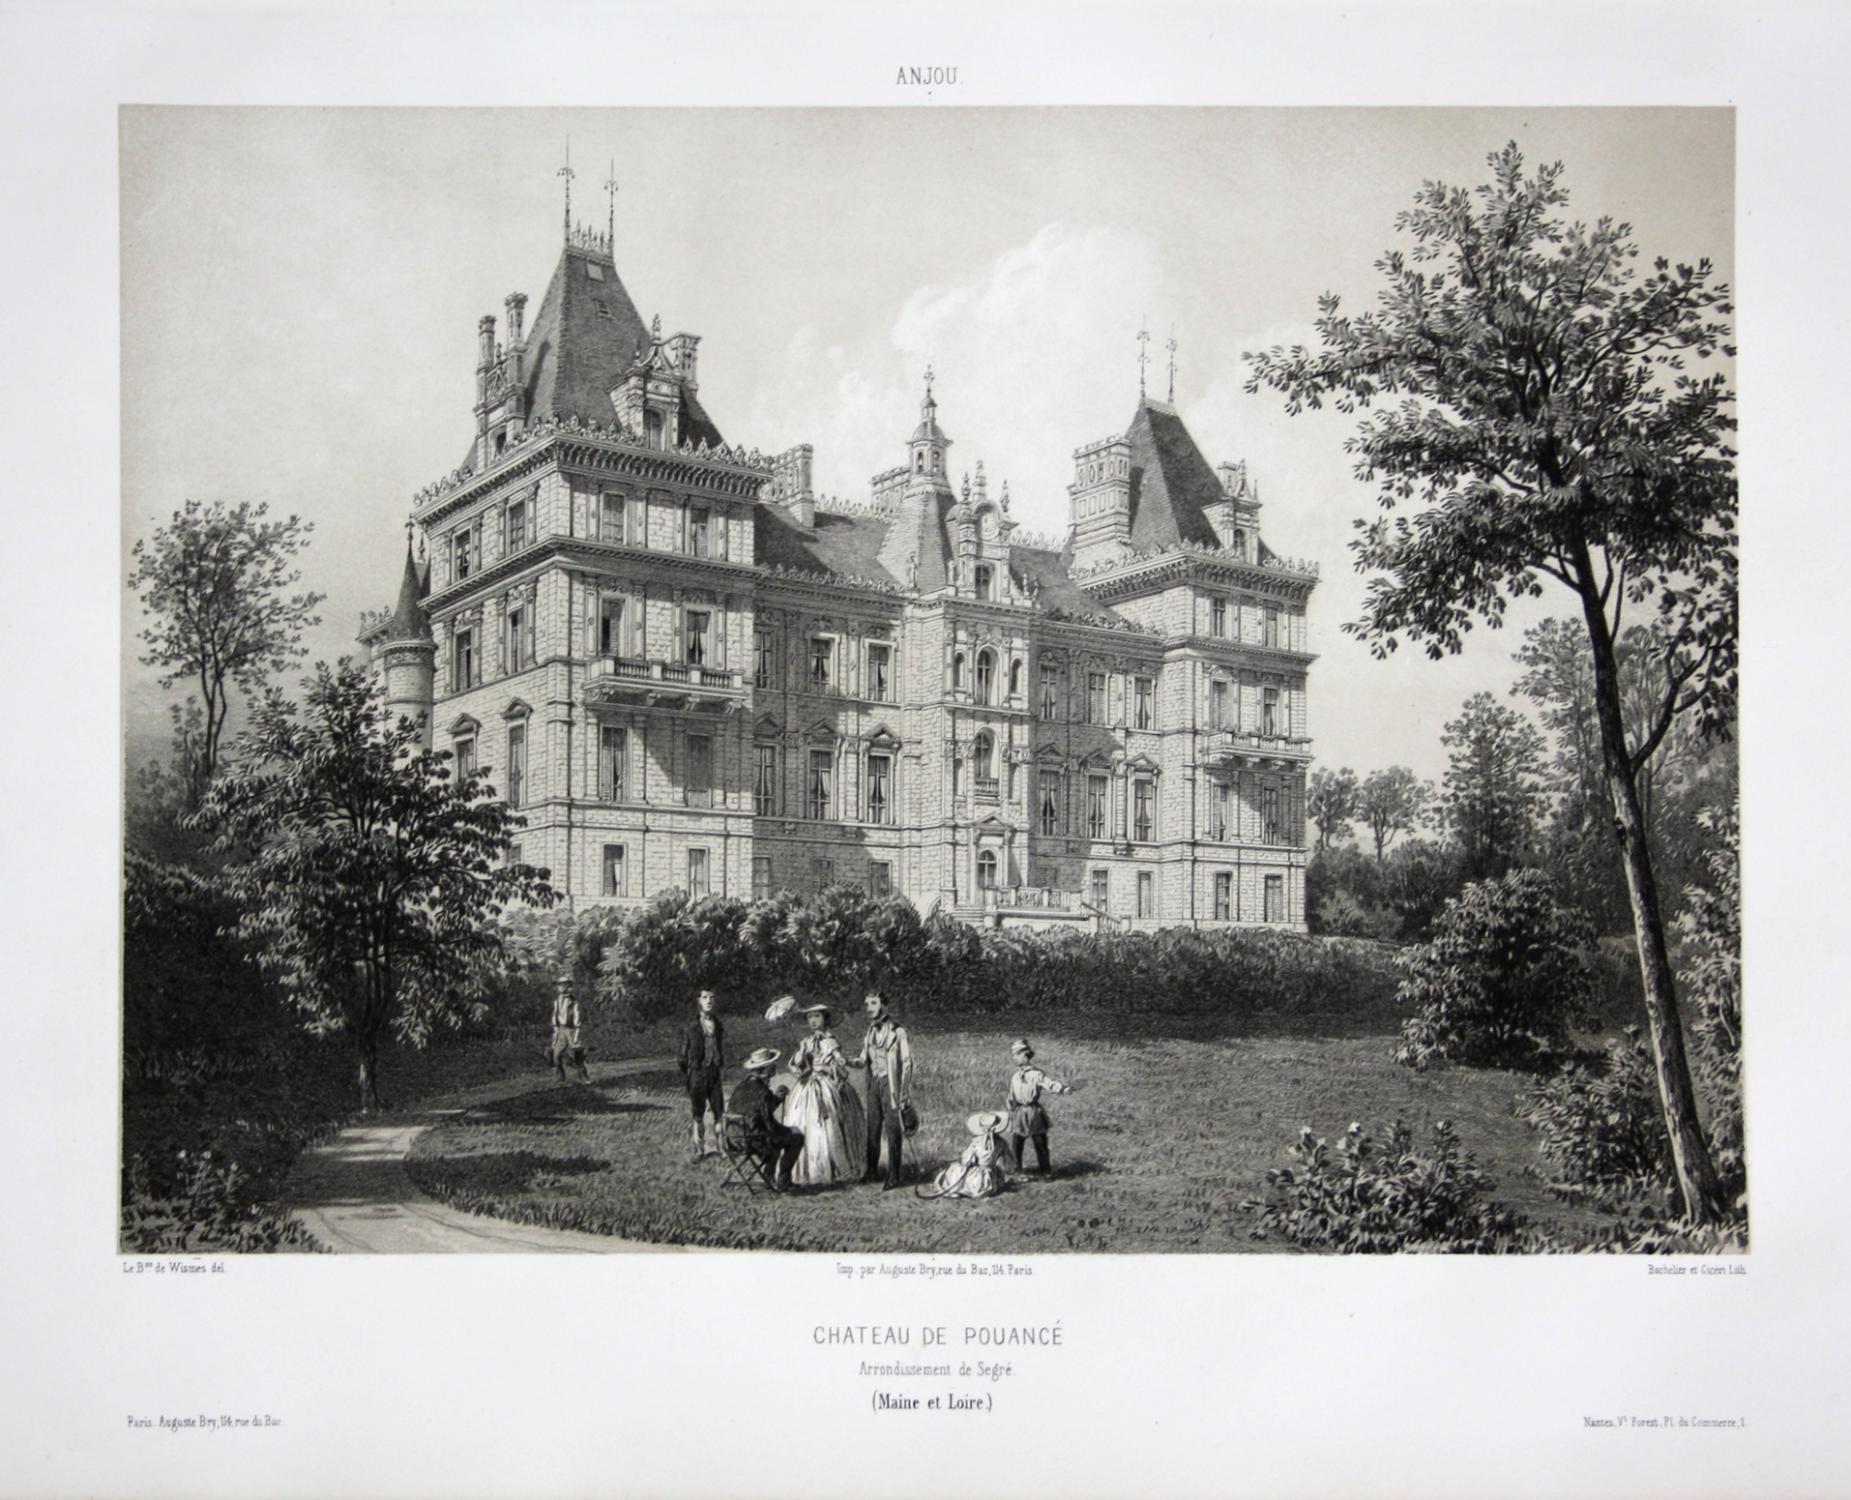 Chateau de Pouance / Arrond. Segre /: Wismes, Olivier de